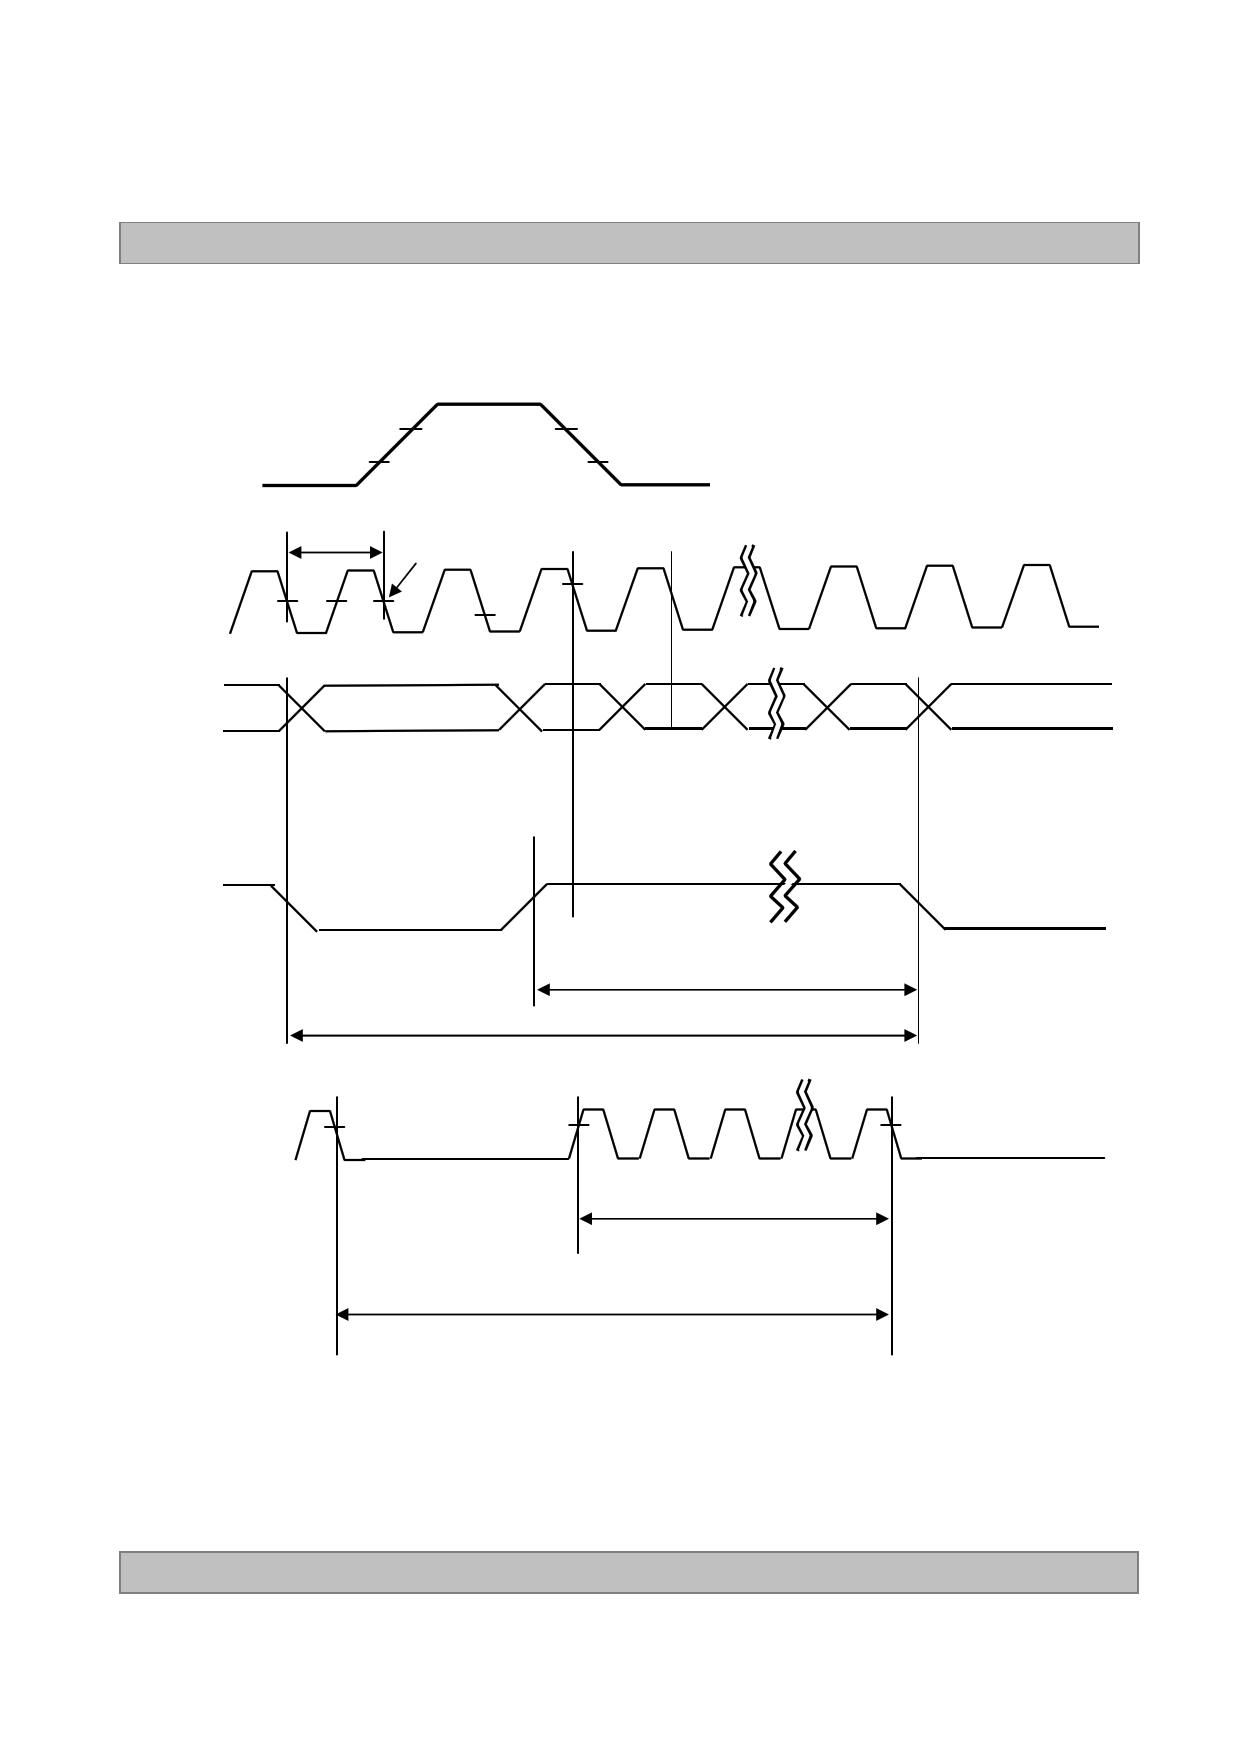 LC320WXN-SCA1 arduino